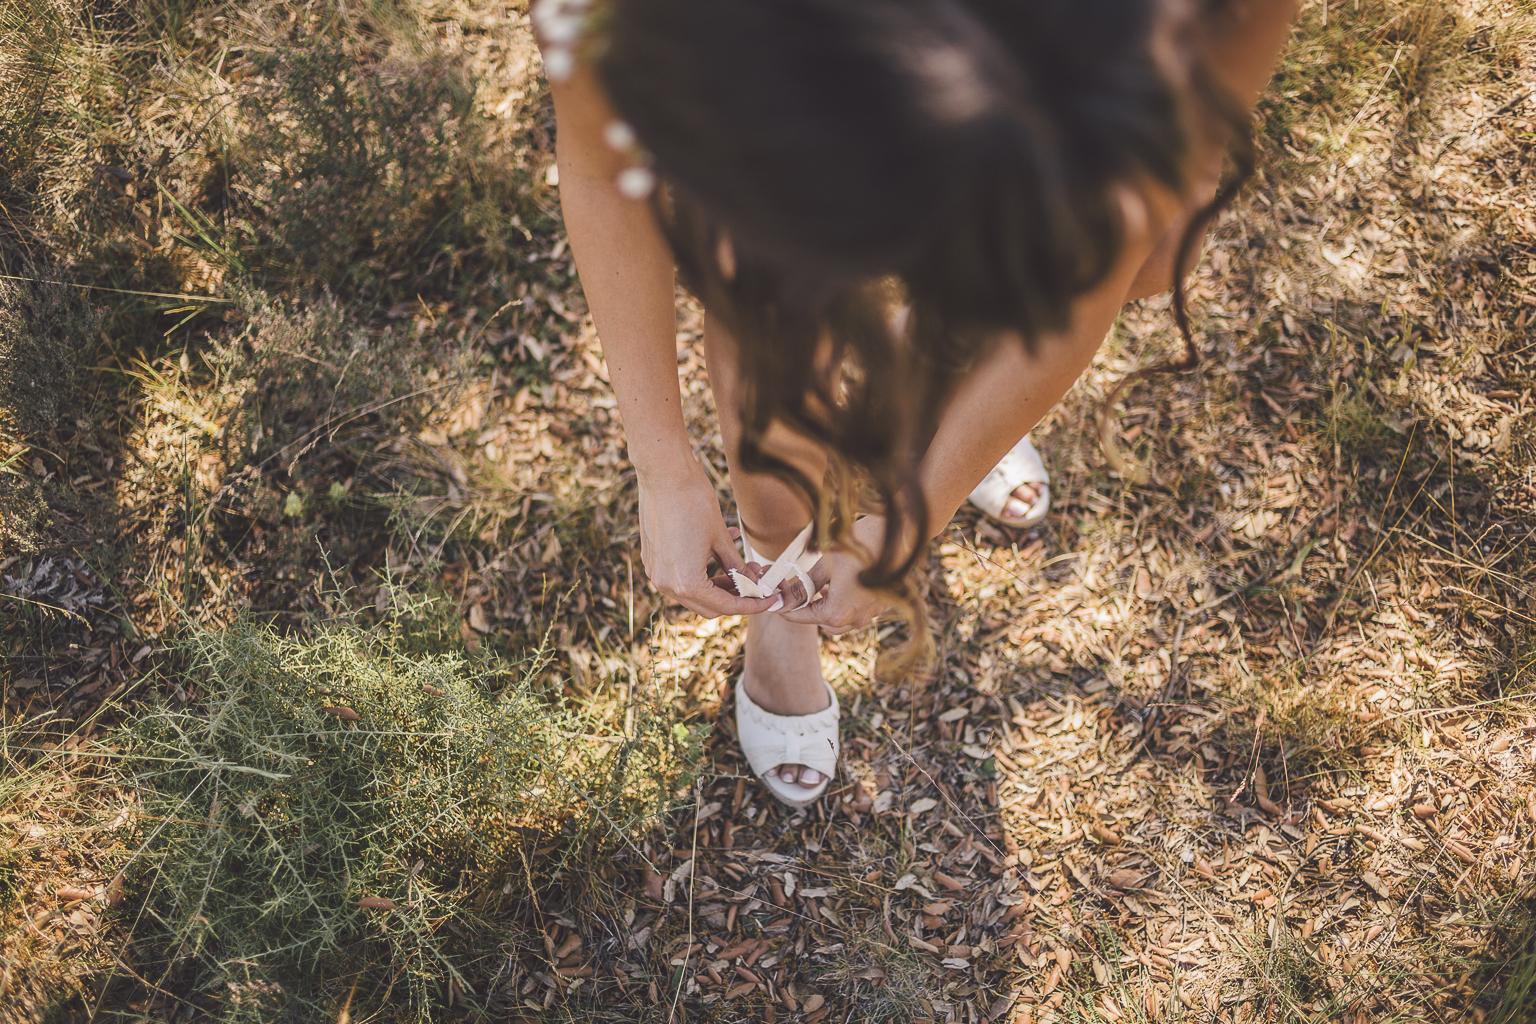 fotógrafo boda barcelona :: fotógrafo de bodas :: international wedding photographer :: boda en el campo :: boda en el bosque :: boda country elegance :: country wedding ::boda diferente :: fotógrafo de bodas girona